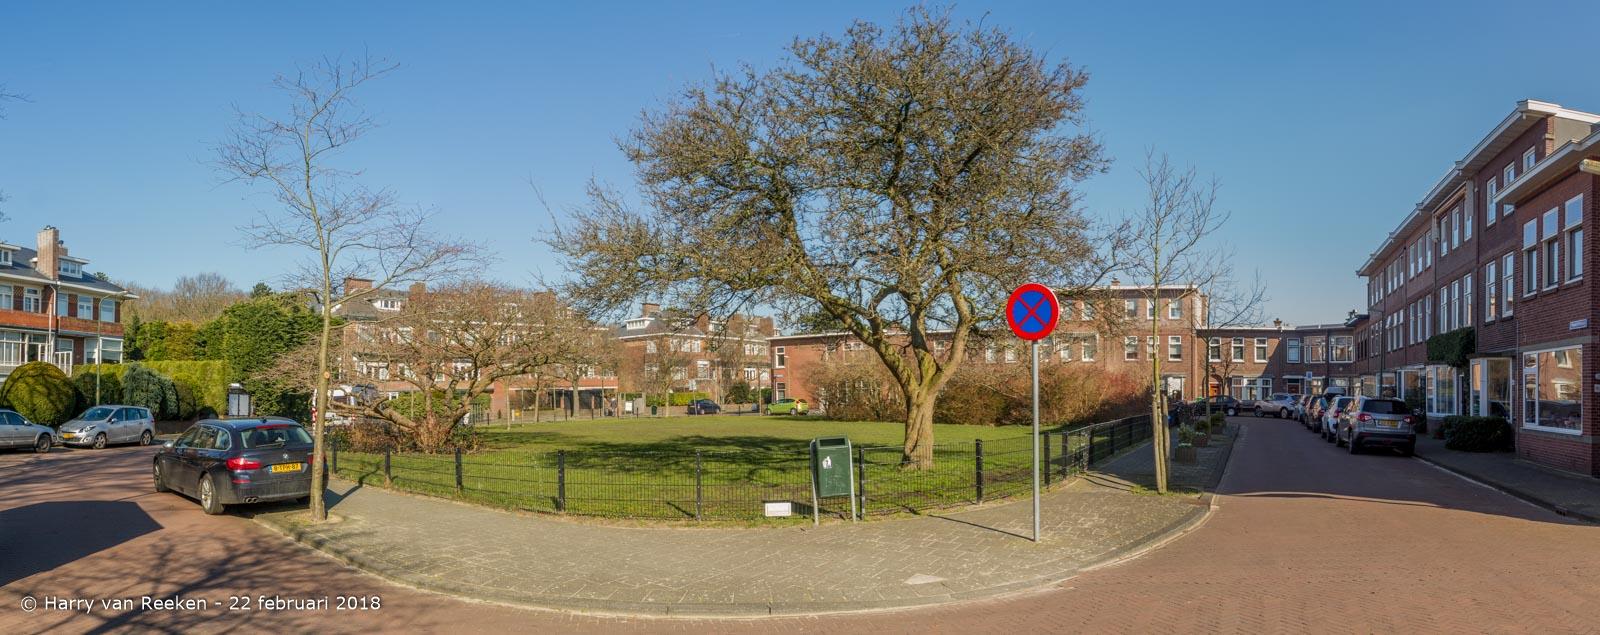 Hyacinthweg-wk12-15-Pano